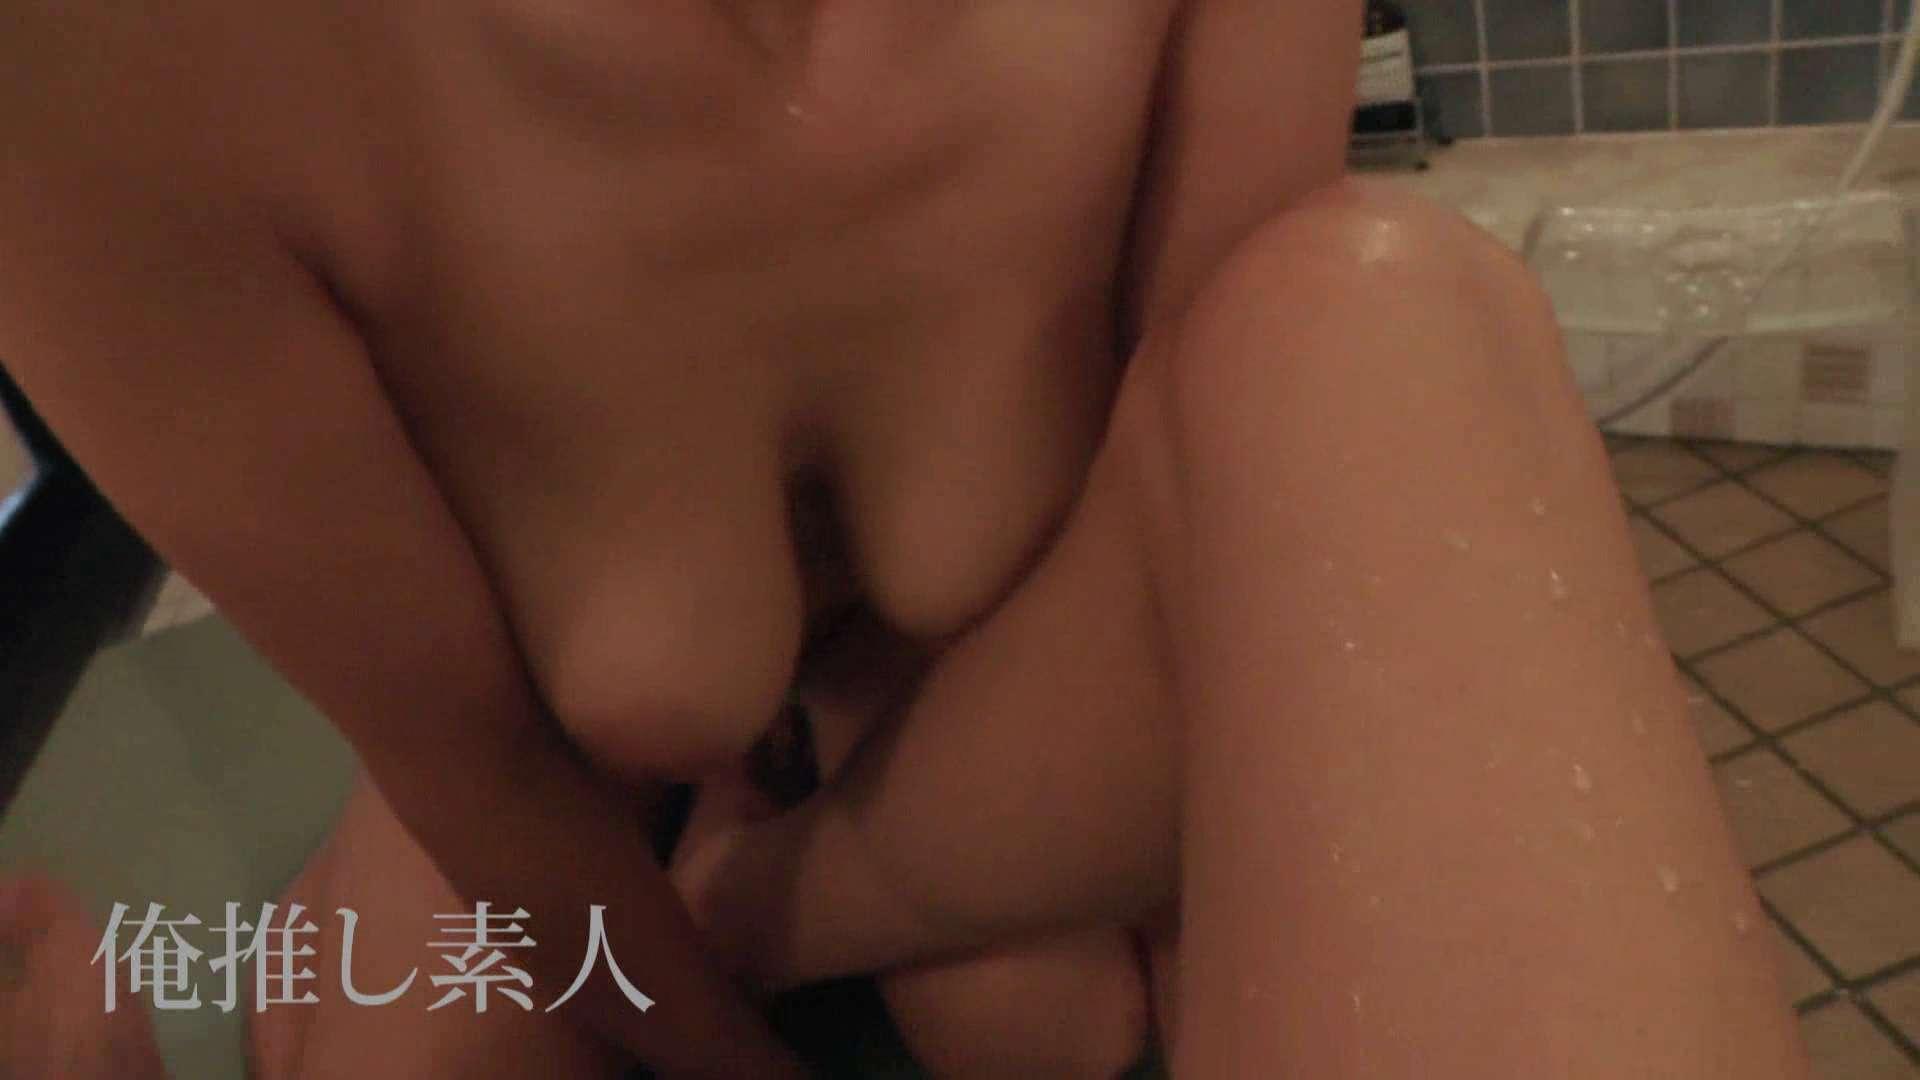 俺推し素人 30代人妻熟女キャバ嬢雫Vol.02 おっぱい おまんこ動画流出 71PIX 45